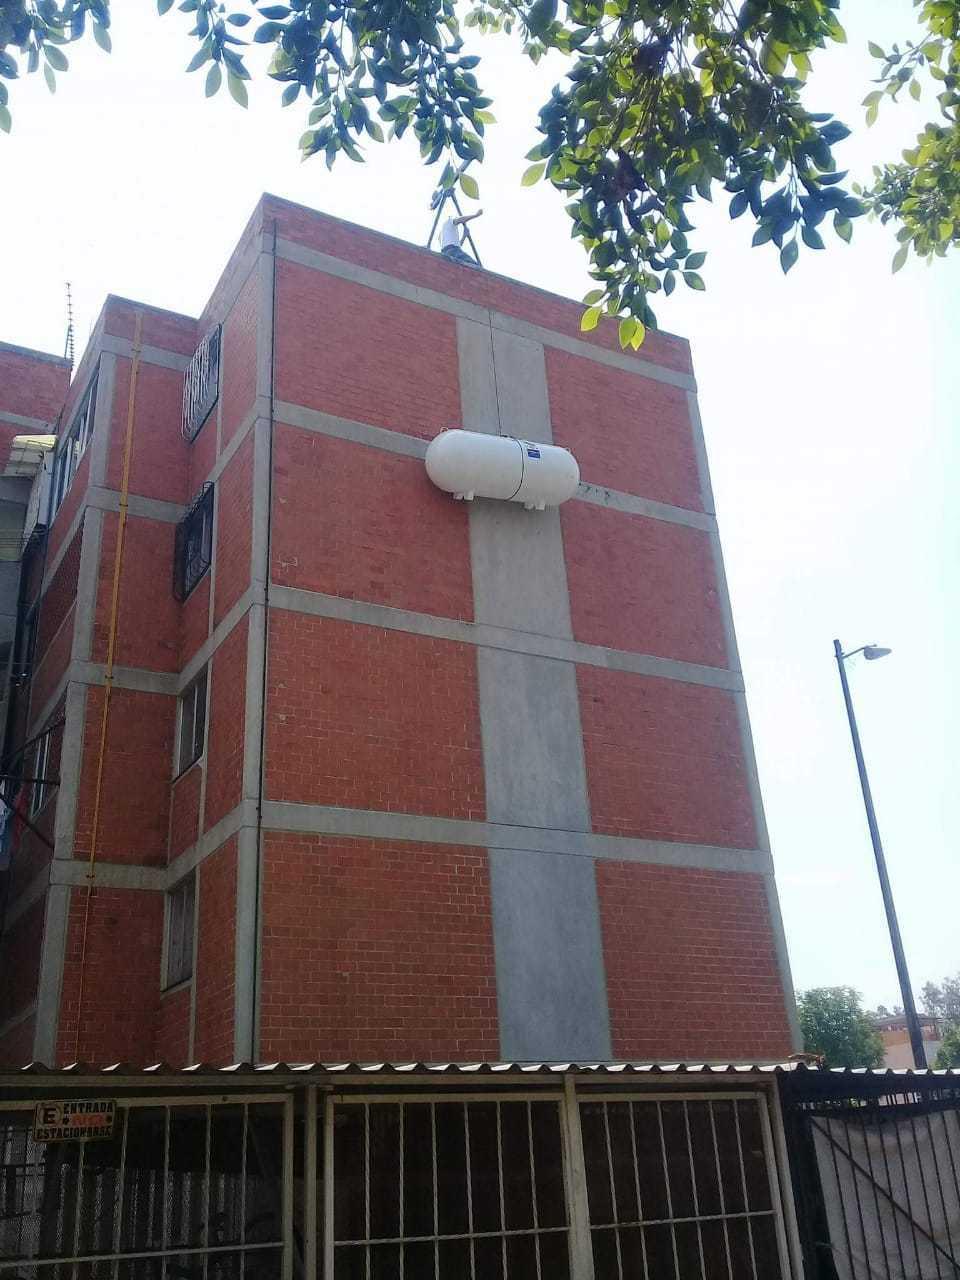 instalación de tanques estacionarios en mexico Instalación de tanques estacionarios en mexico – Gaslink WhatsApp Image 2020 012 13 at 11